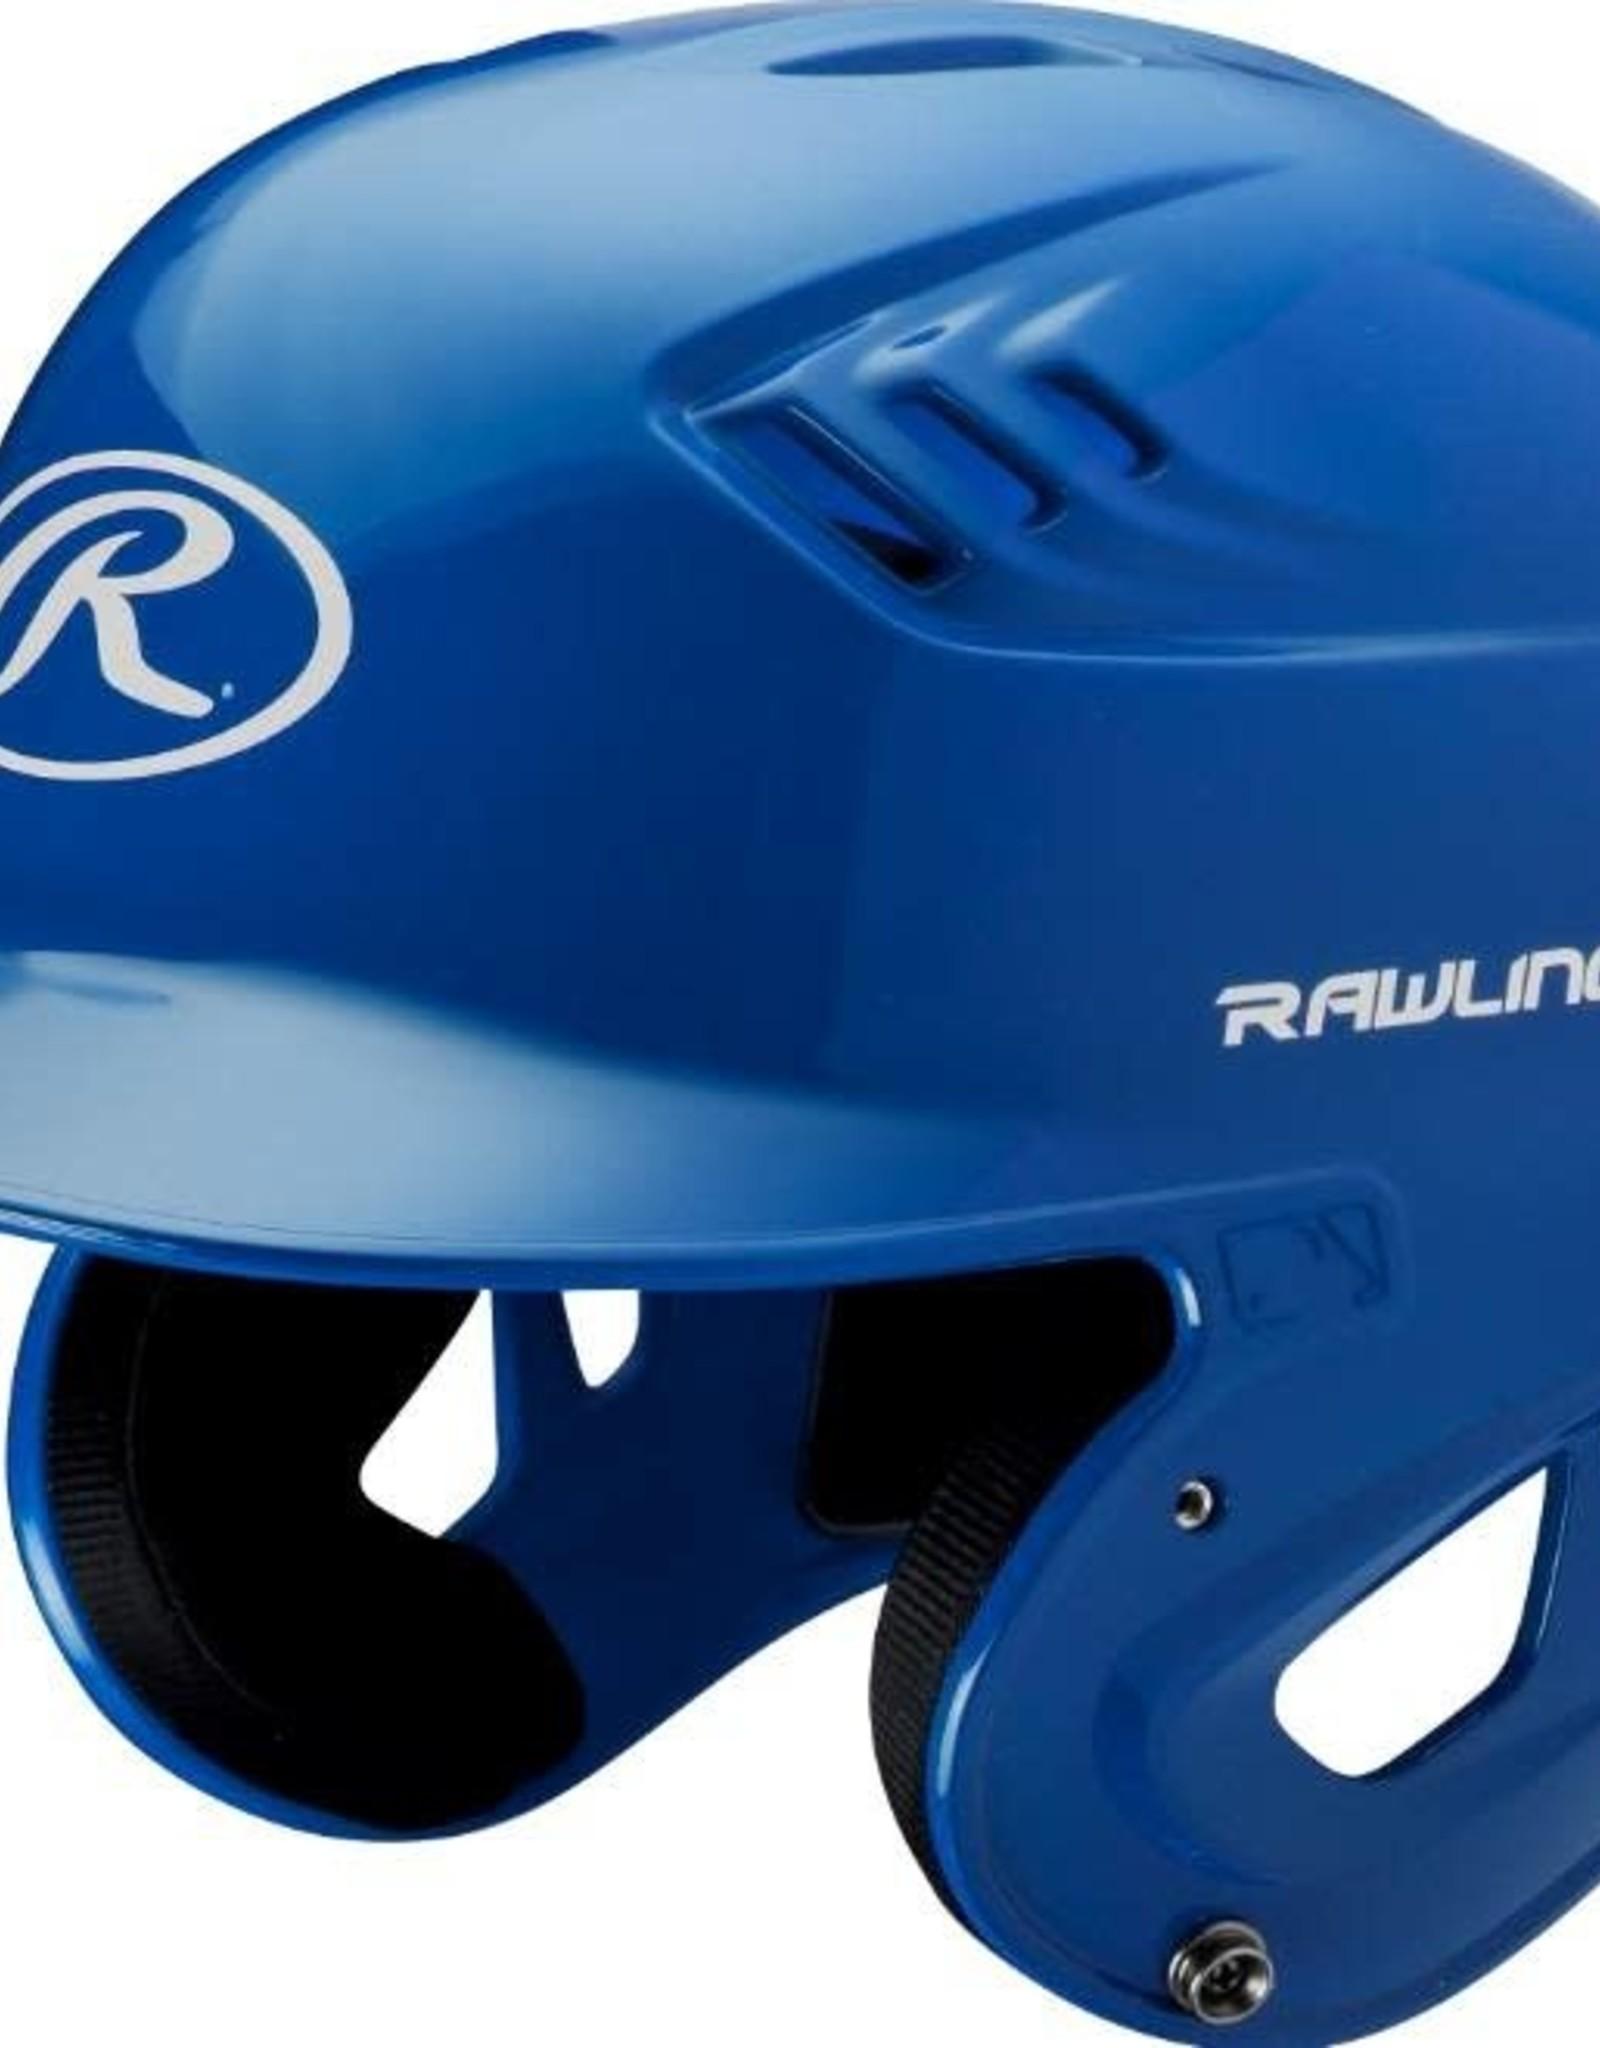 Rawlings R16 Velo Helmet - 1-Tone Clearcoat - JR-Royal